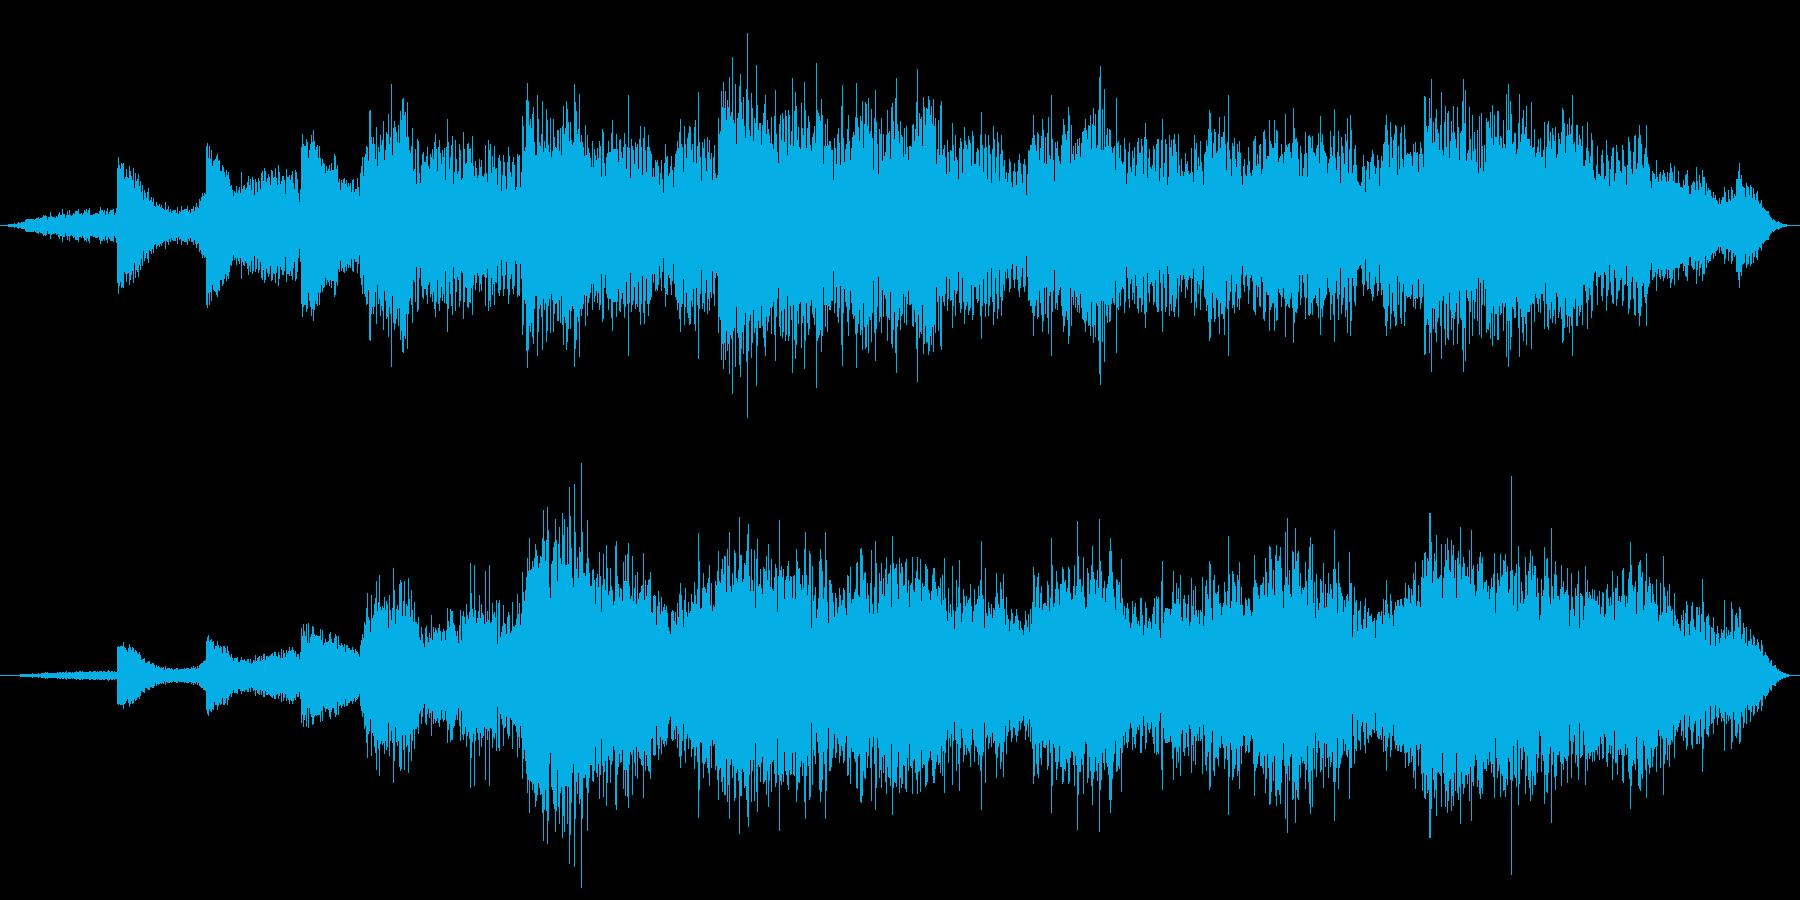 戦場イメージの効果音(タイプC)の再生済みの波形